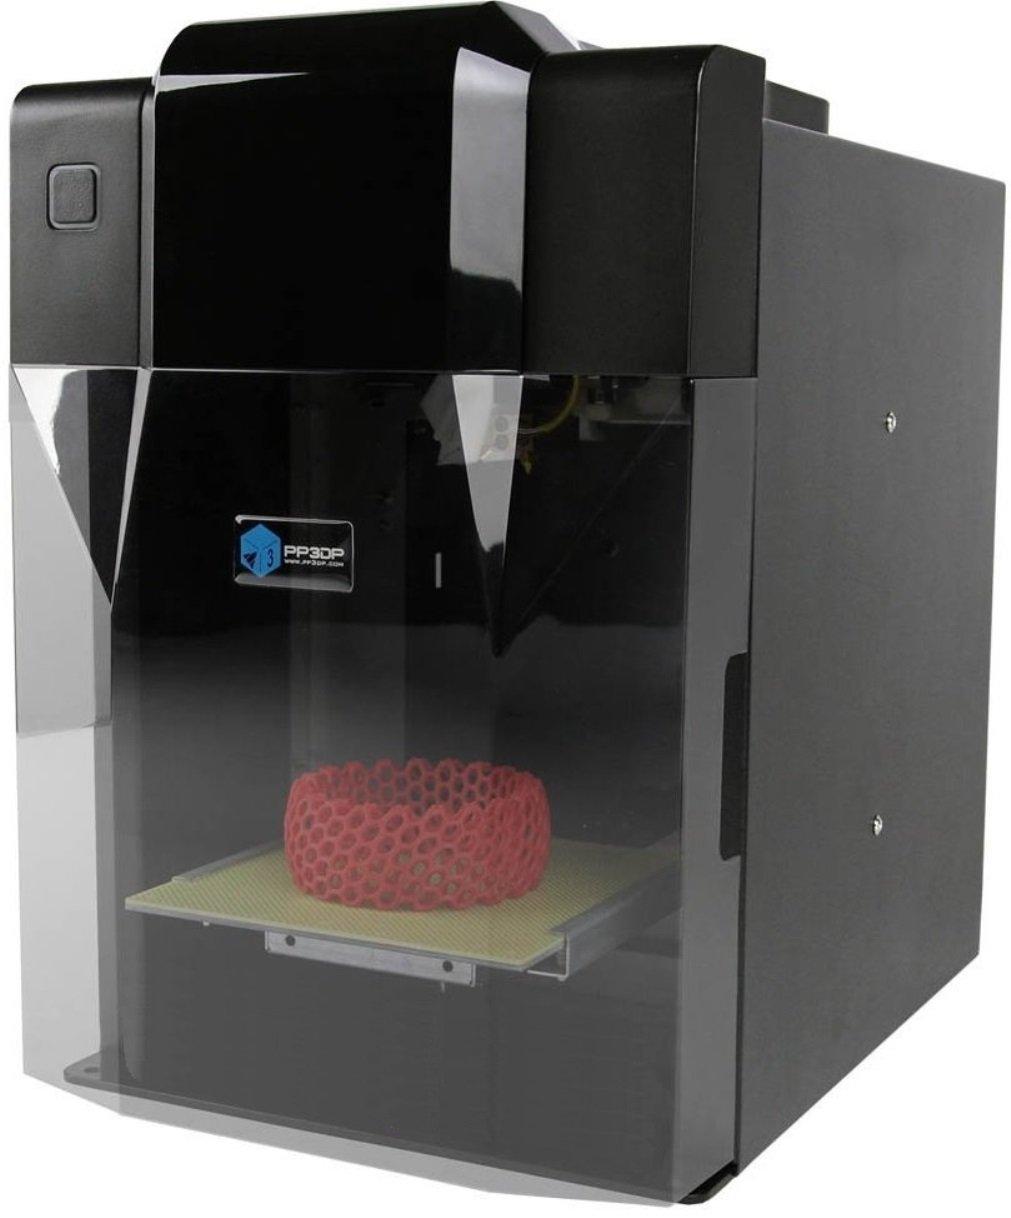 PP3DP A-23-01 3D Drucker (Starterset, Software, geschlossenem Druckschrank, beheizter Druckplatte)